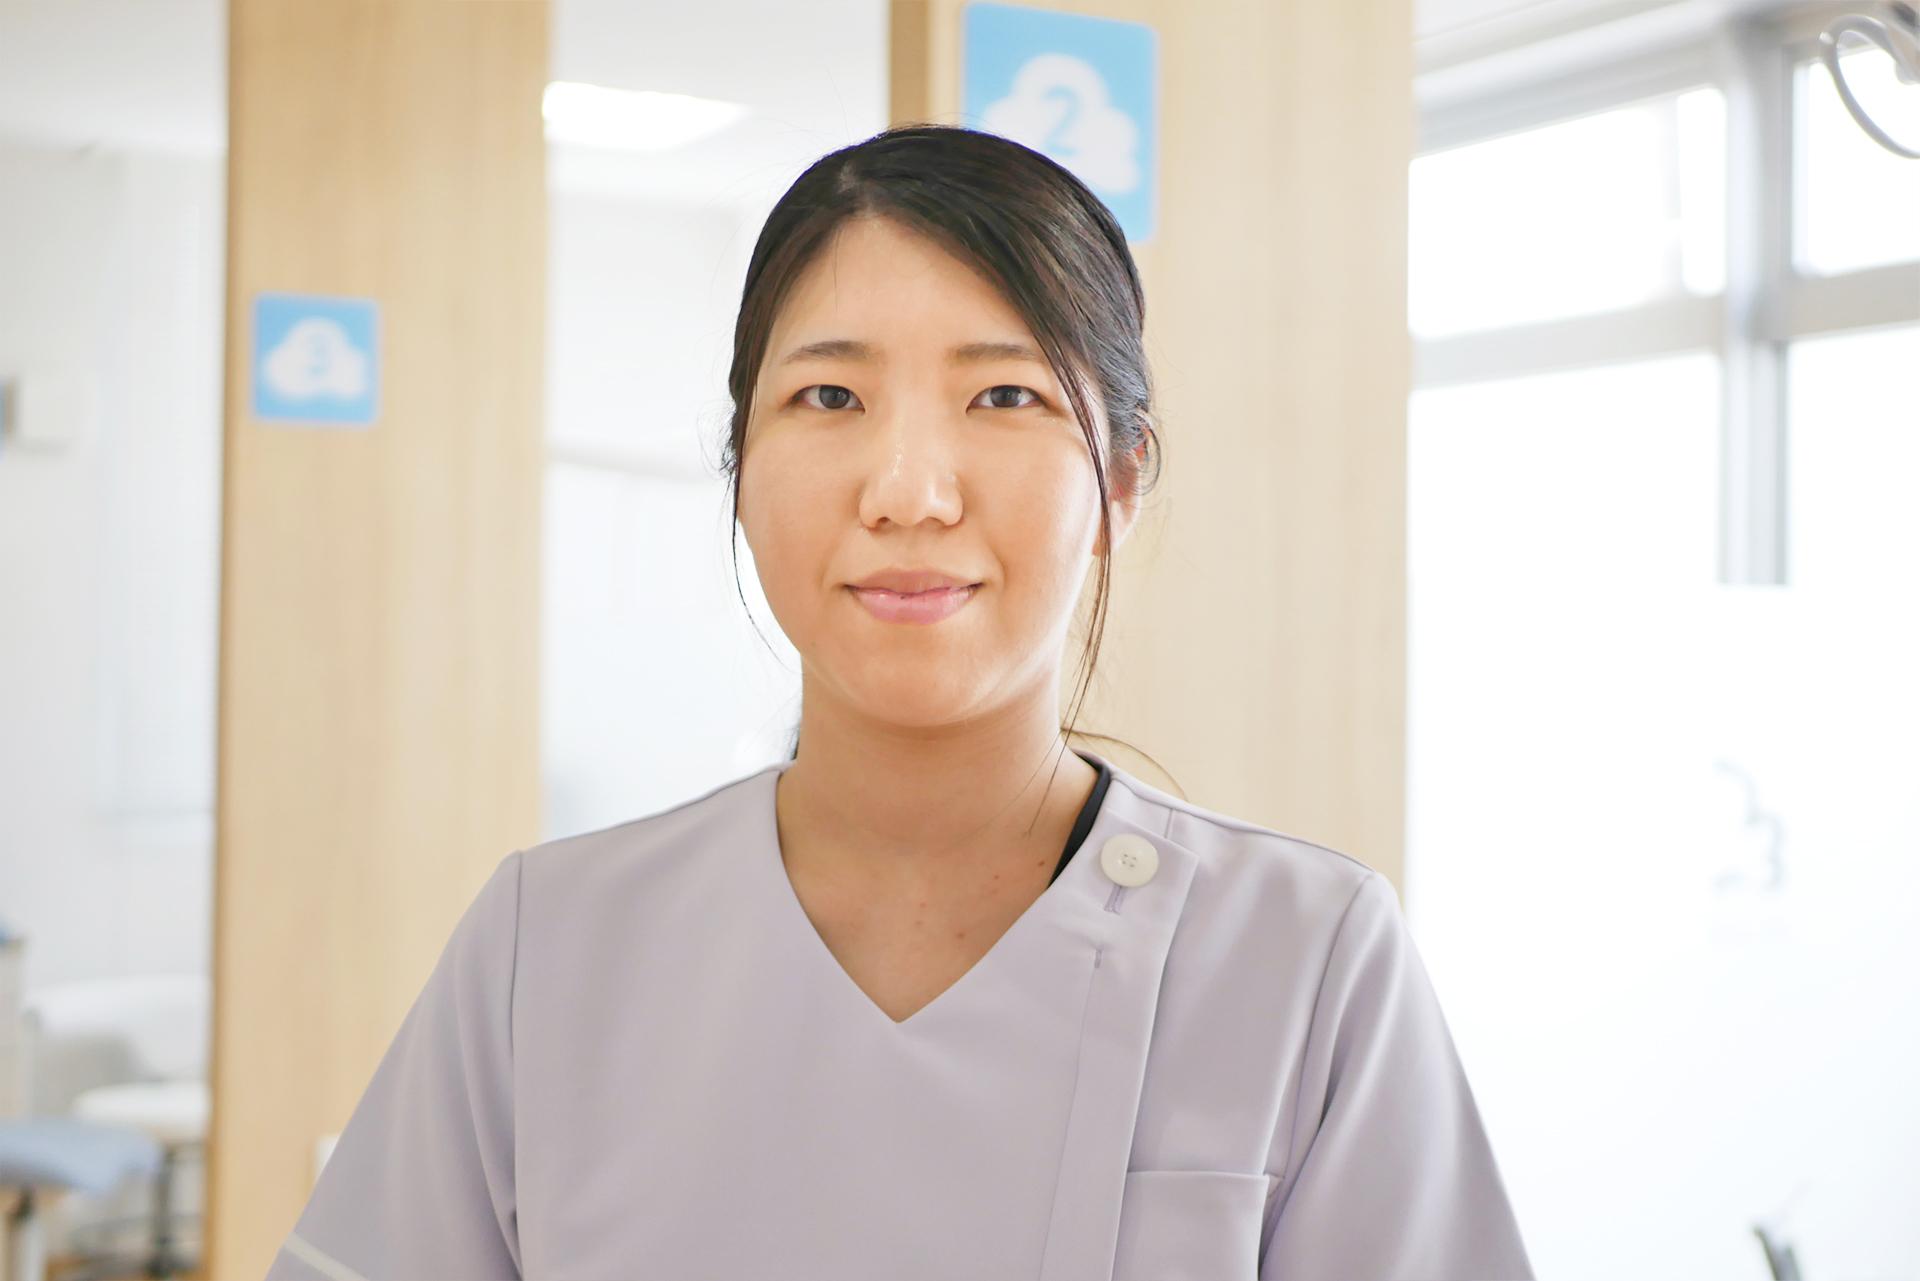 ひろ歯科クリニック 歯科衛生士<br />福野 奈美<span>(ふくの なみ)</span>